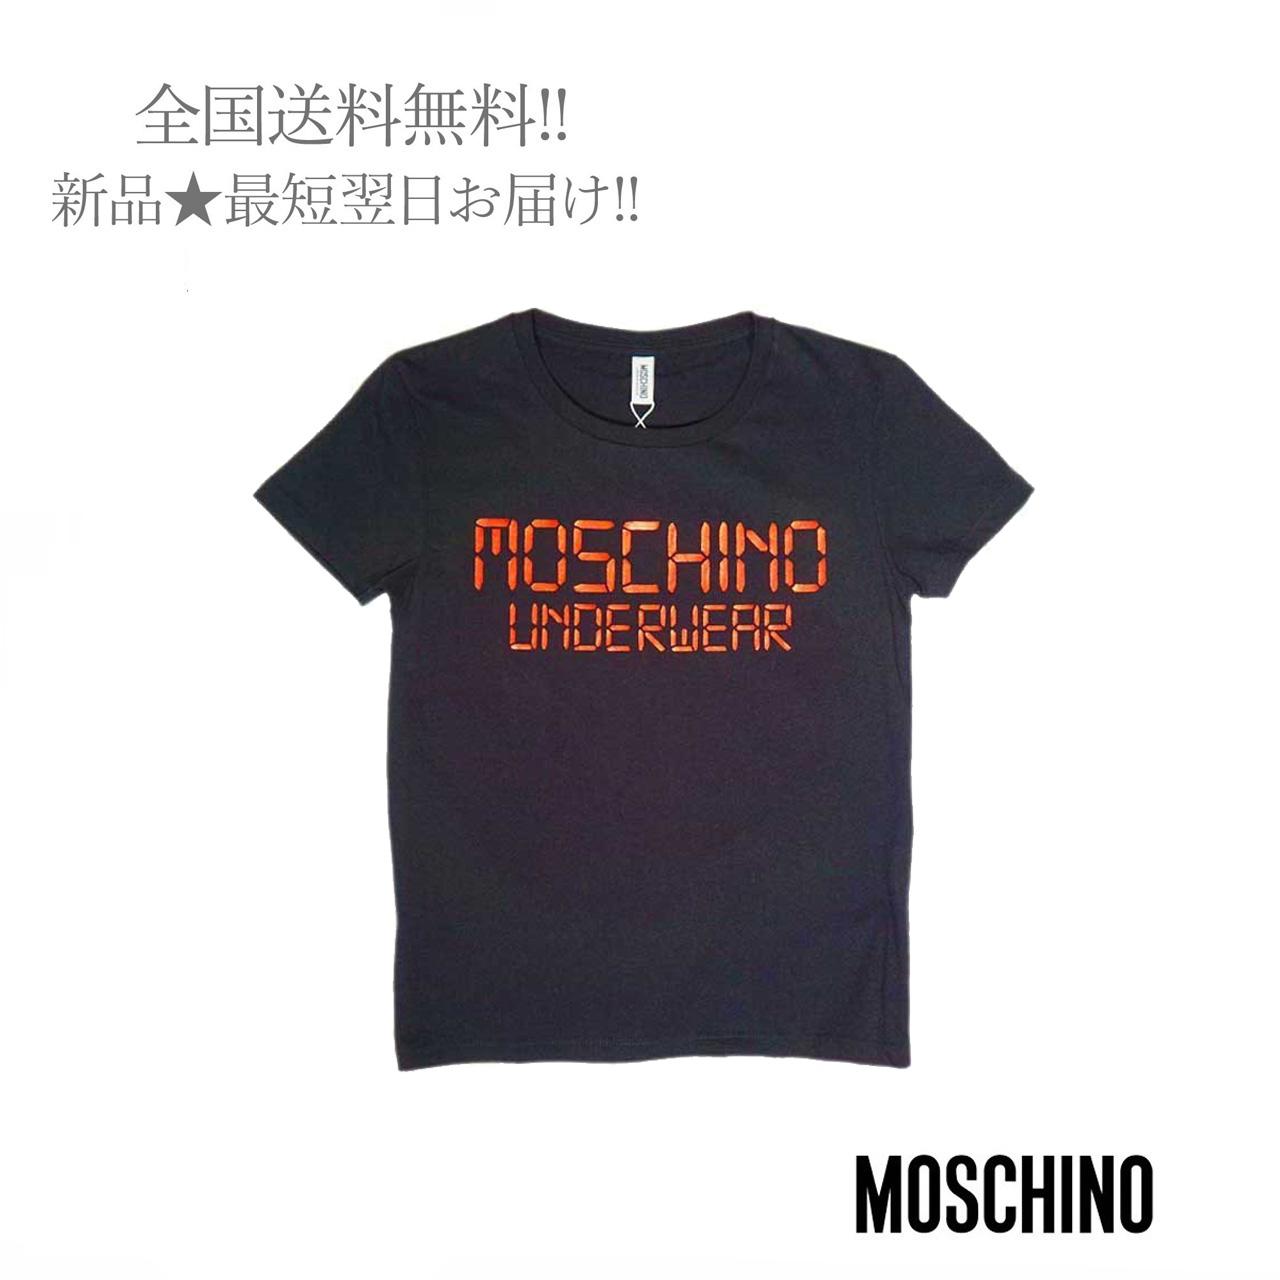 スーパーセール期間限定 安心の定価販売 MOSCHINO モスキーノ Tシャツ デジタルロゴ レディース 女 XL S ブラック 新品